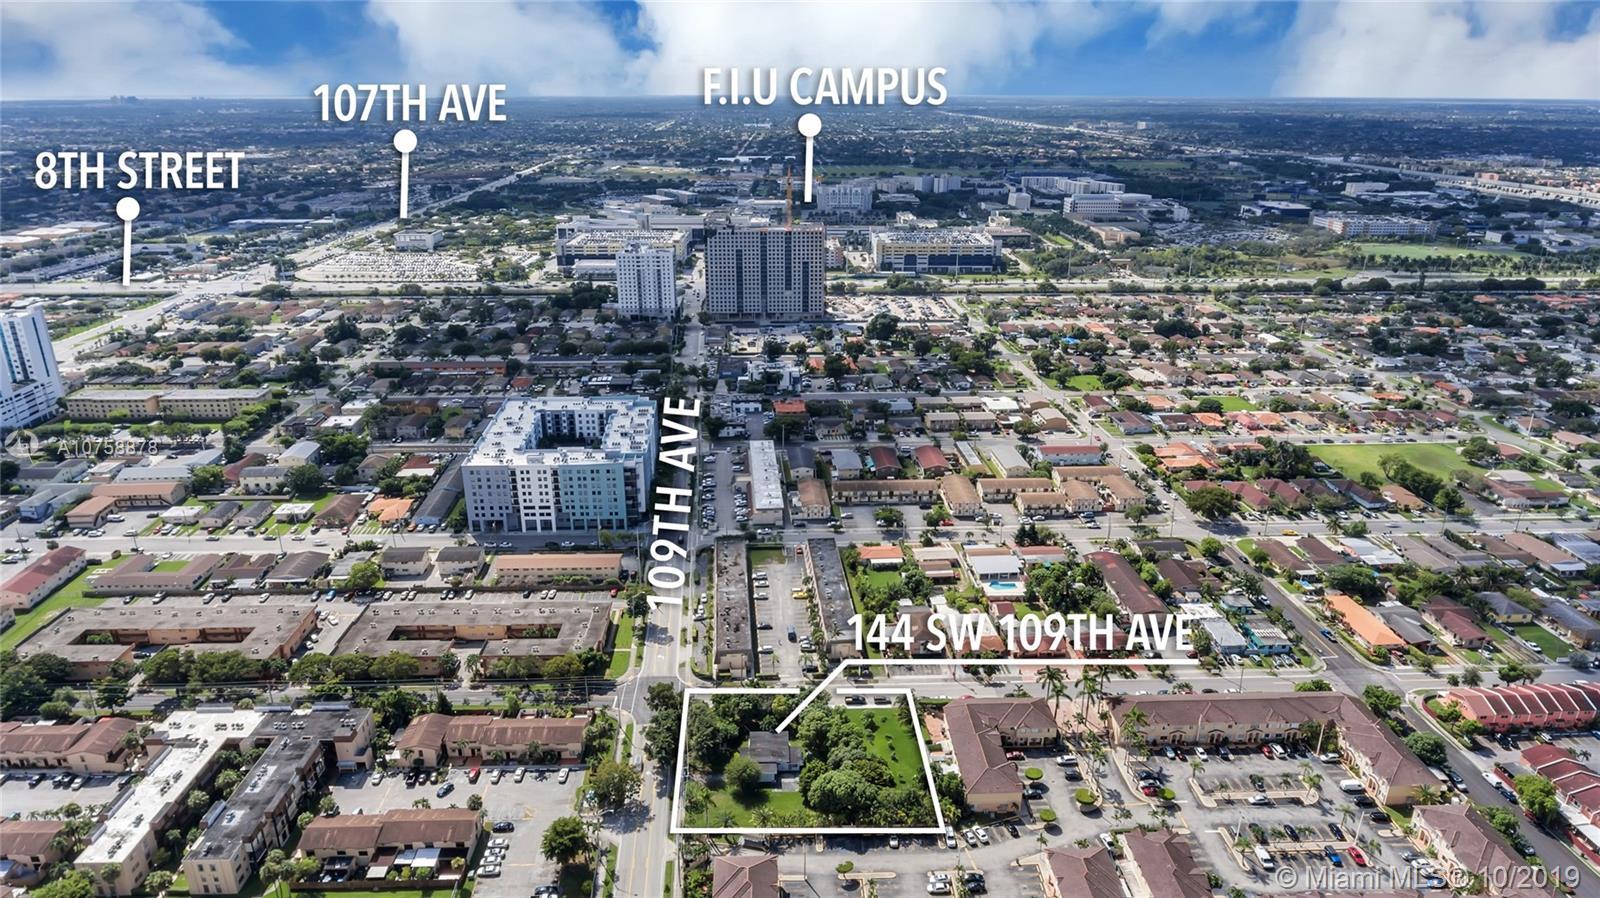 144 SW 109 Avenue, Sweetwater, FL 33174